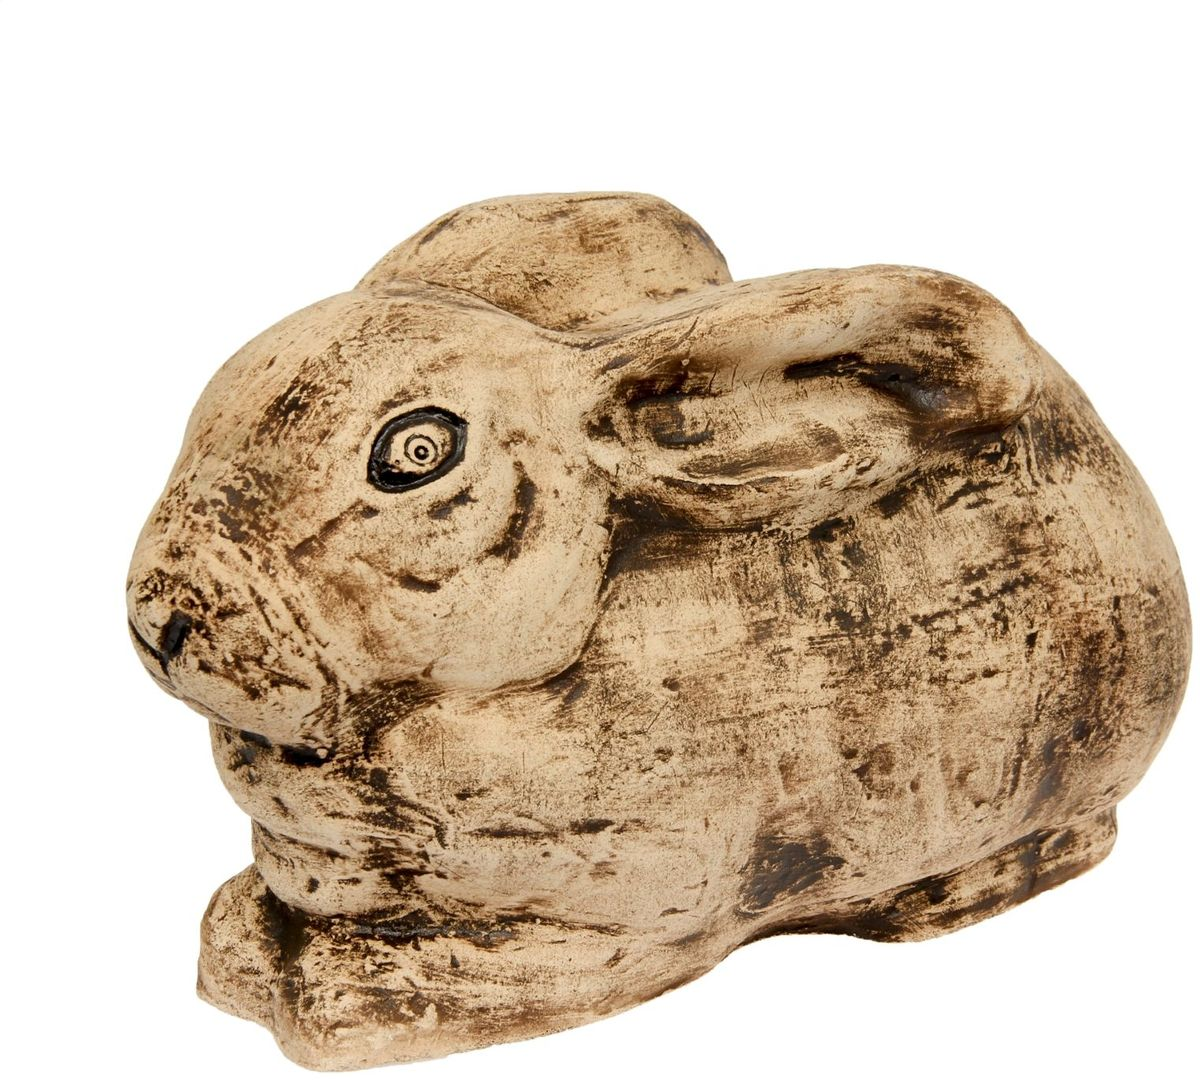 Фигура садовая Керамика ручной работы Кролик, 52 х 27 х 30 см1123942Садовая фигура Кролик шамот - маленький помощник в создании неповторимого декора садового или дачного участка. Оригинальная форма изделия станет изюминкой пространства, достойным дополнением ландшафтного творчества. Фигура выполнена исключительно из природных материалов, а именно & шамотной глины, которая делает его: абсолютно нетоксичным, устойчивым к воздействию окружающей среды (морозостойкий), устойчивым к изменению цвета и структуры (не шелушится и не облезает). При декорировании горшка используются только качественные пигменты. Процесс обжига глины проходит в 2 этапа: утилитный (900 градусов) с последующим декорированием и политой (1100 градусов), придающим изделию необходимую крепость.